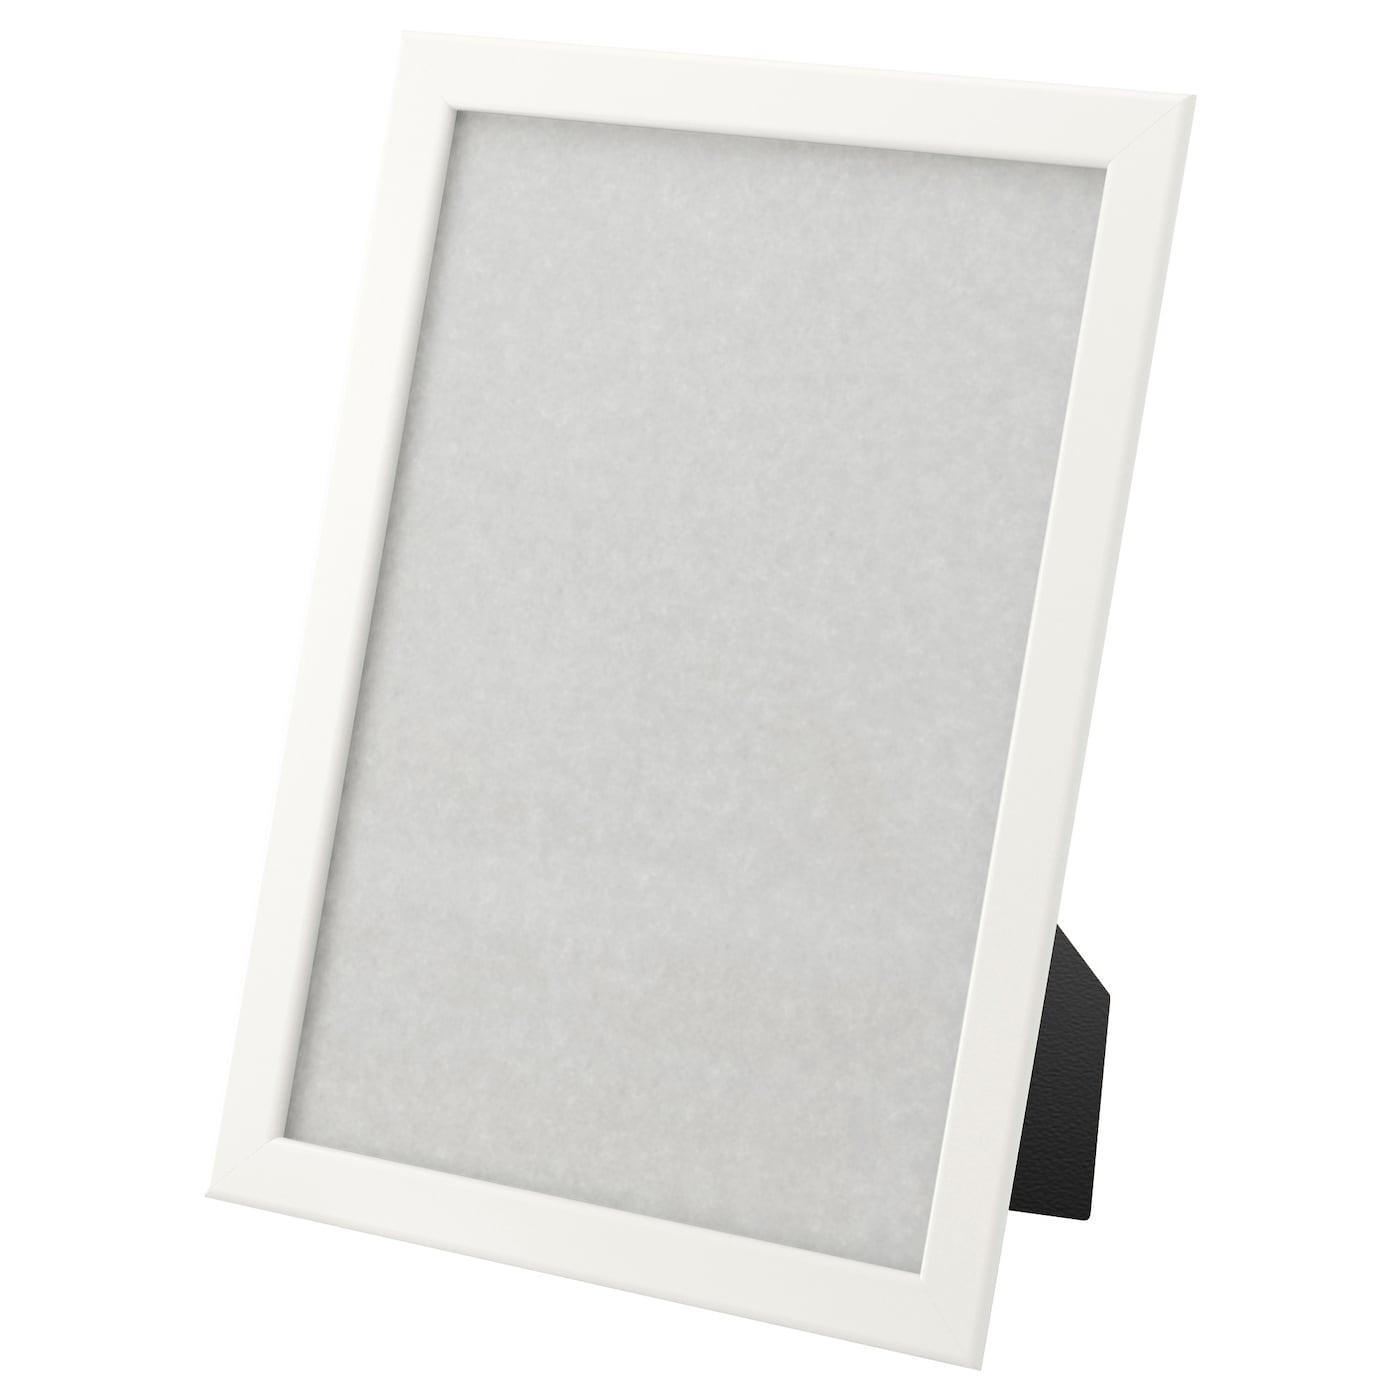 Fiskbo frame white 21 x 30 cm ikea for 27 x 41 cadre ikea